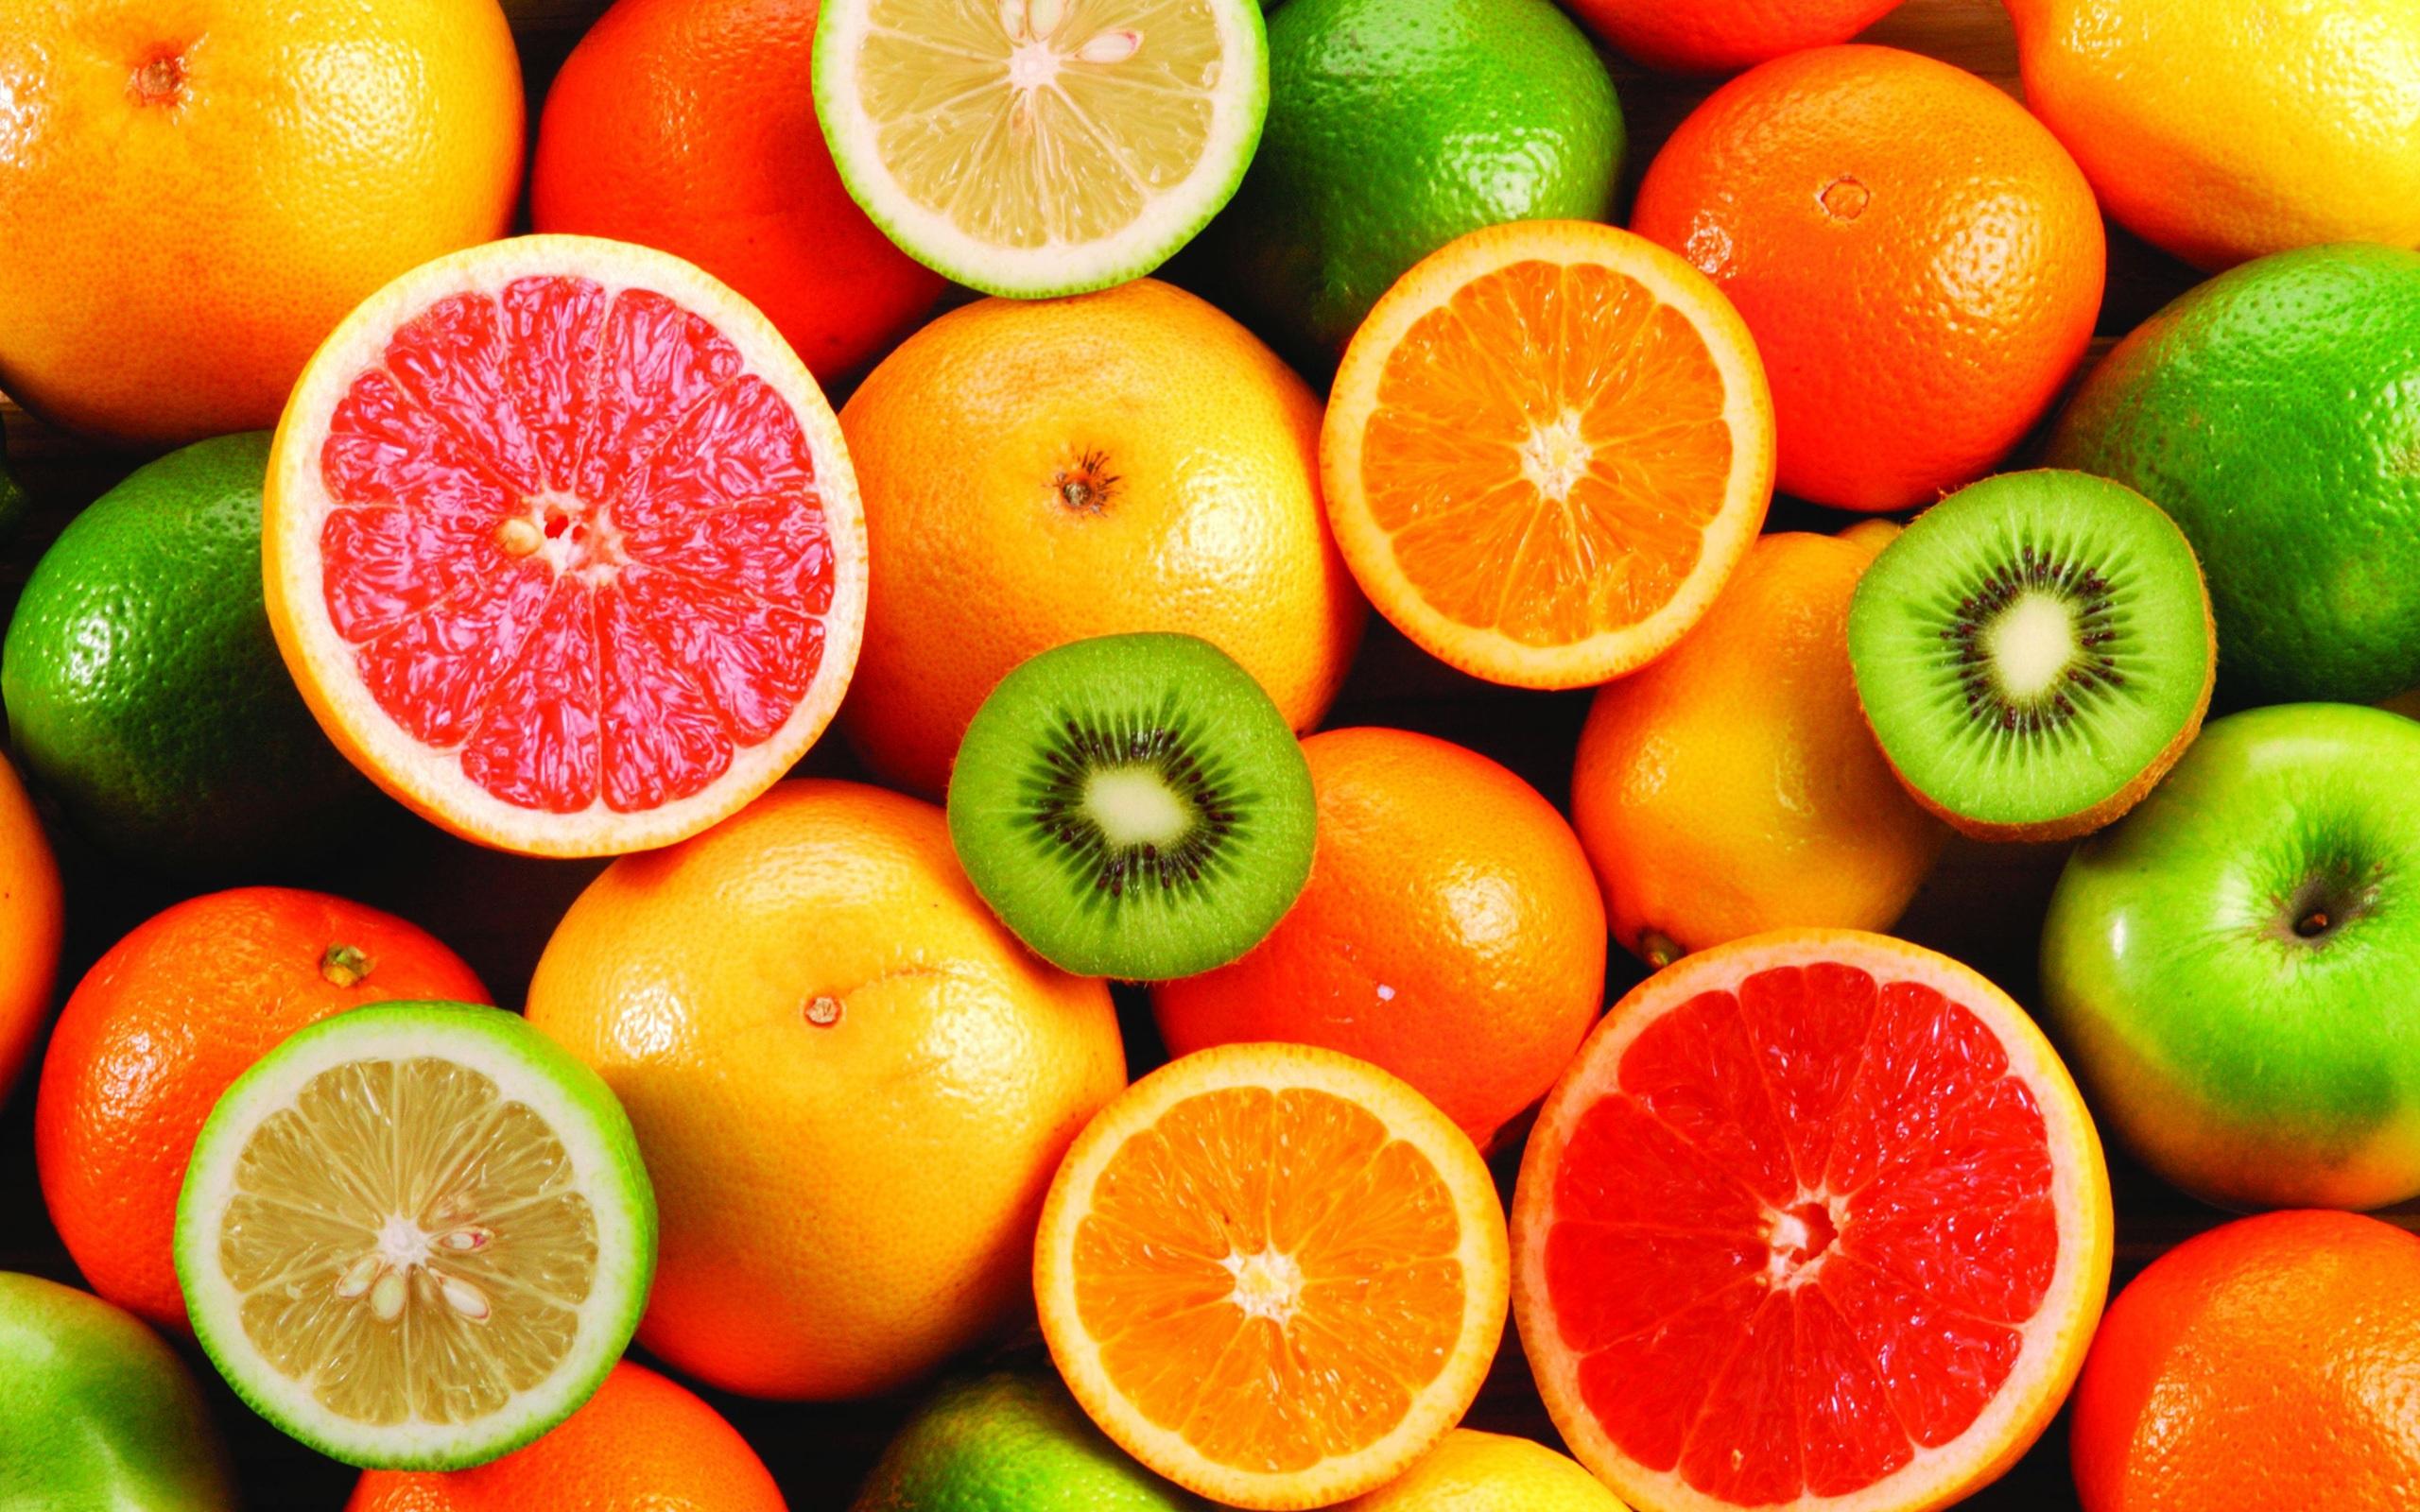 おいしいフルーツ オレンジ キウイフルーツ 1080x19 Iphone 8 7 6 6s Plus 壁紙 背景 画像